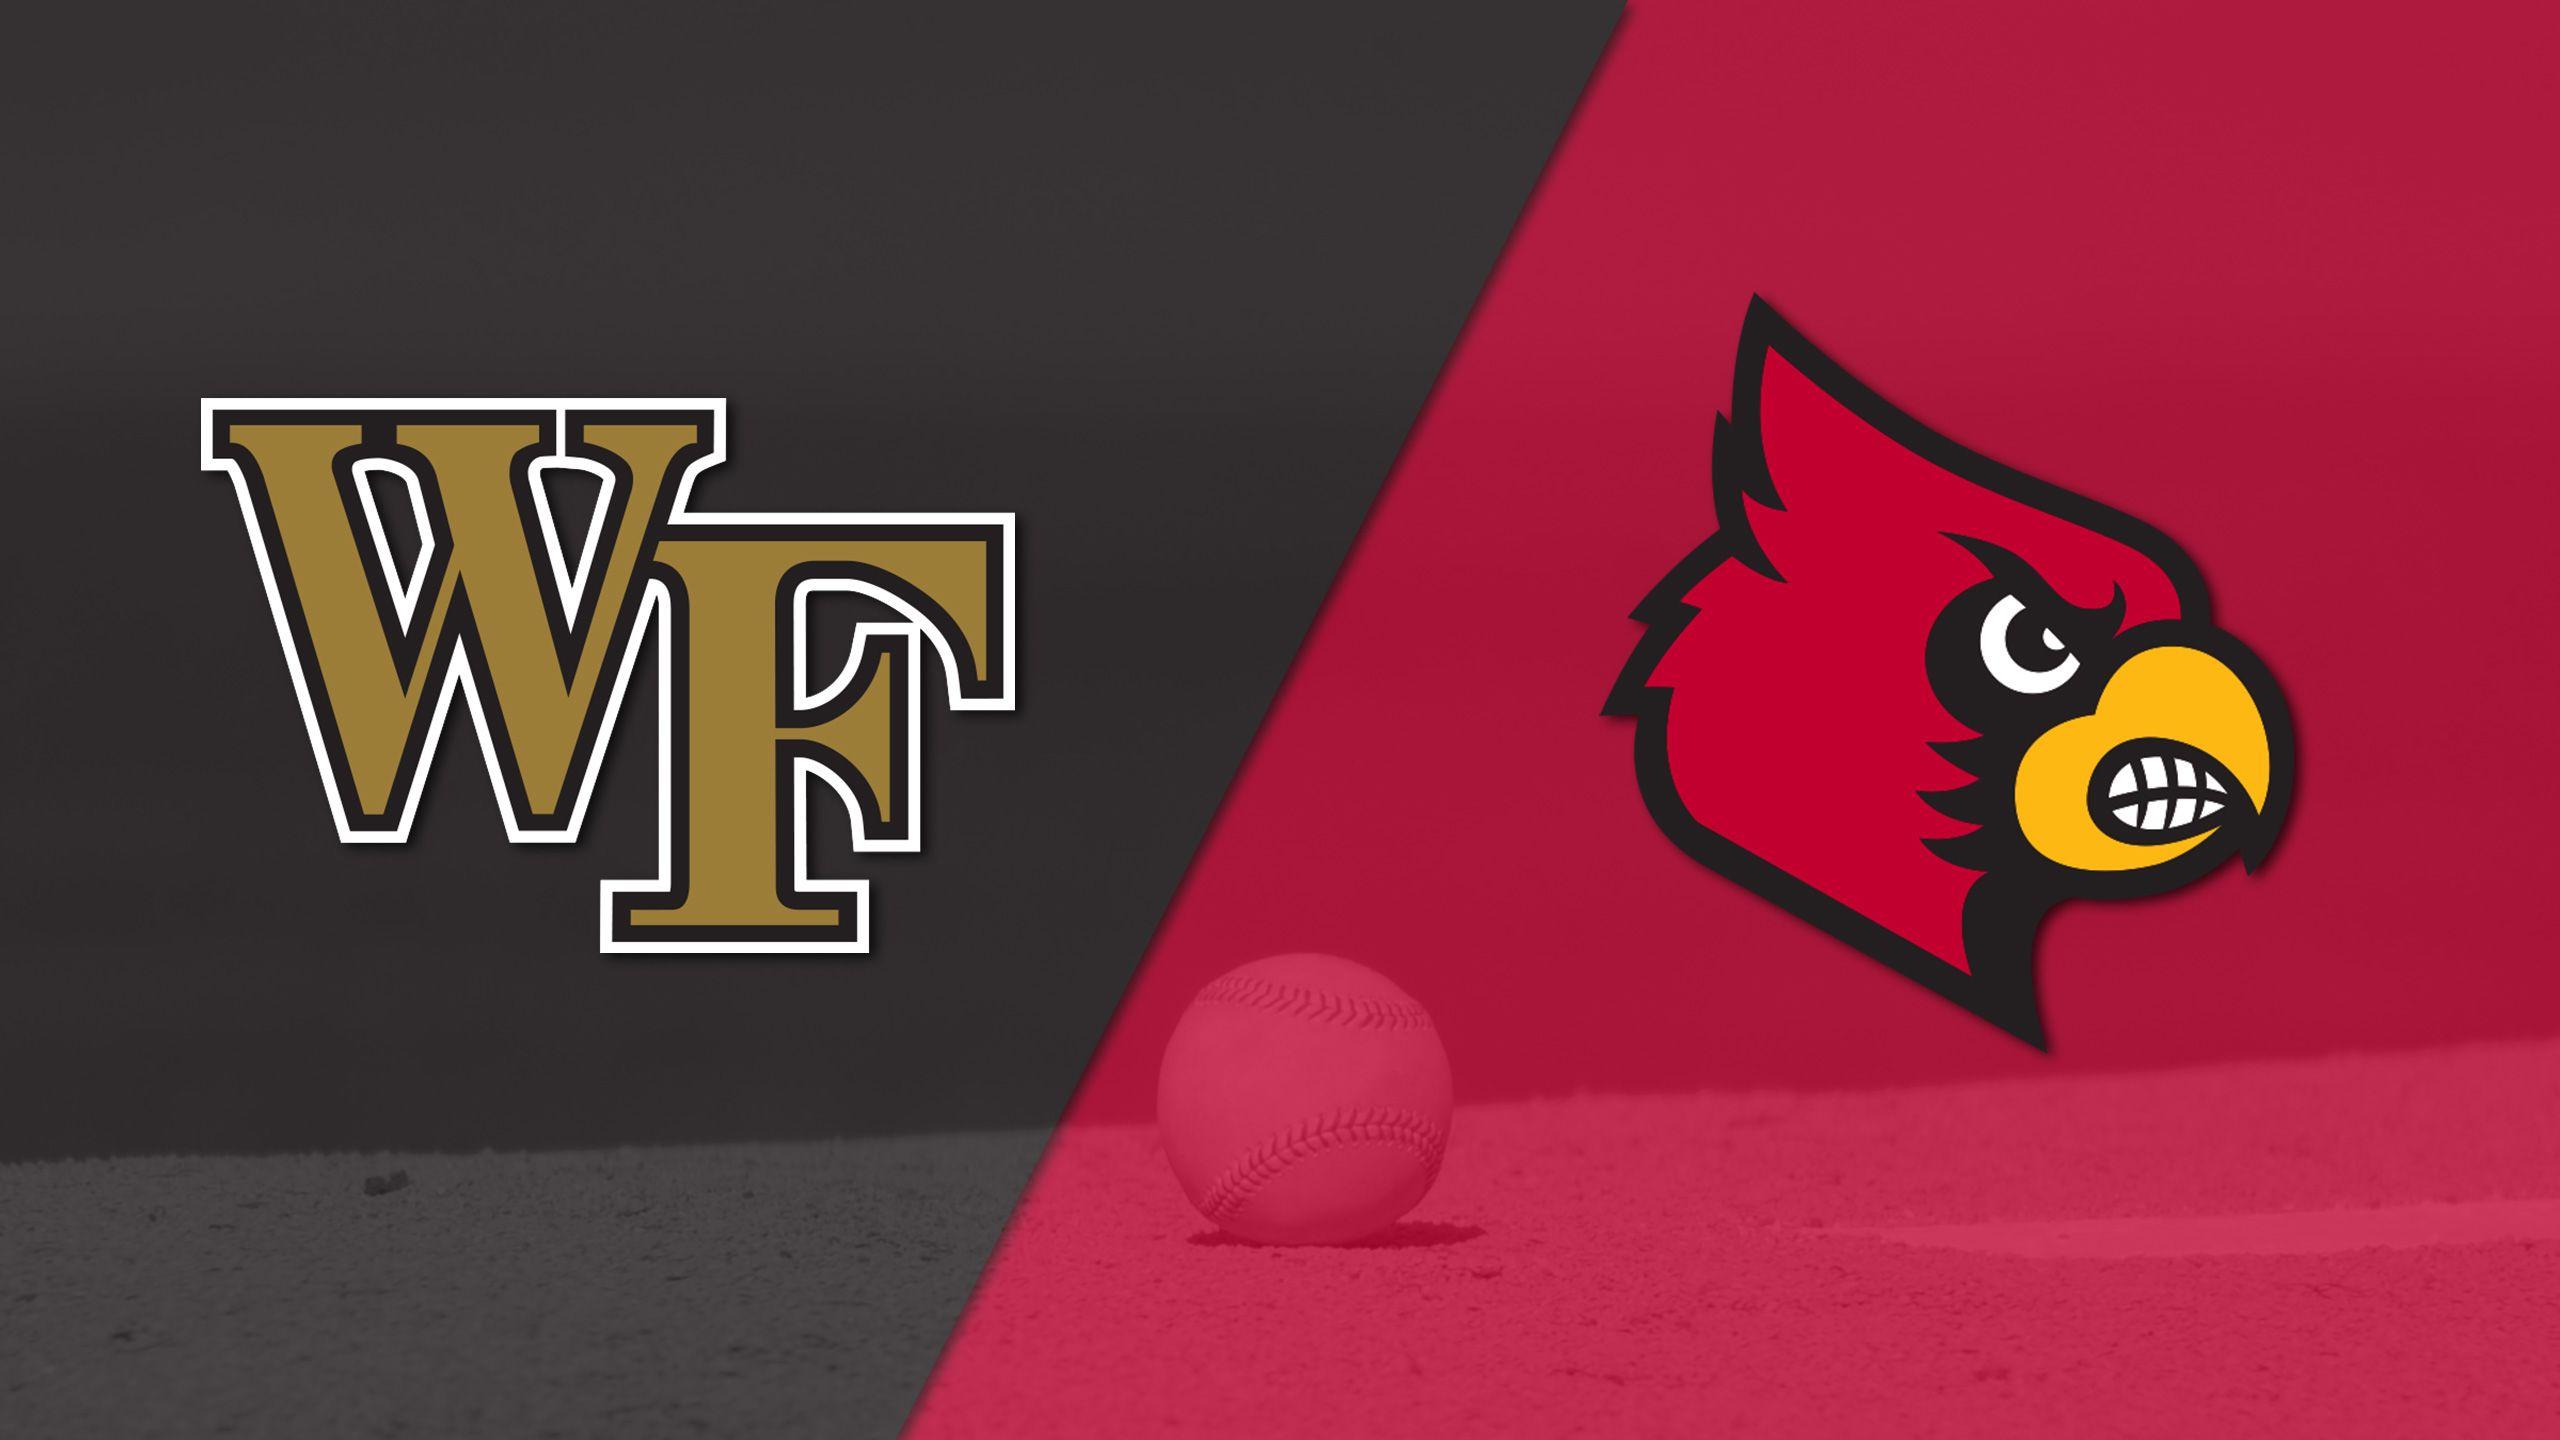 #22 Wake Forest vs. #2 Louisville (Baseball)